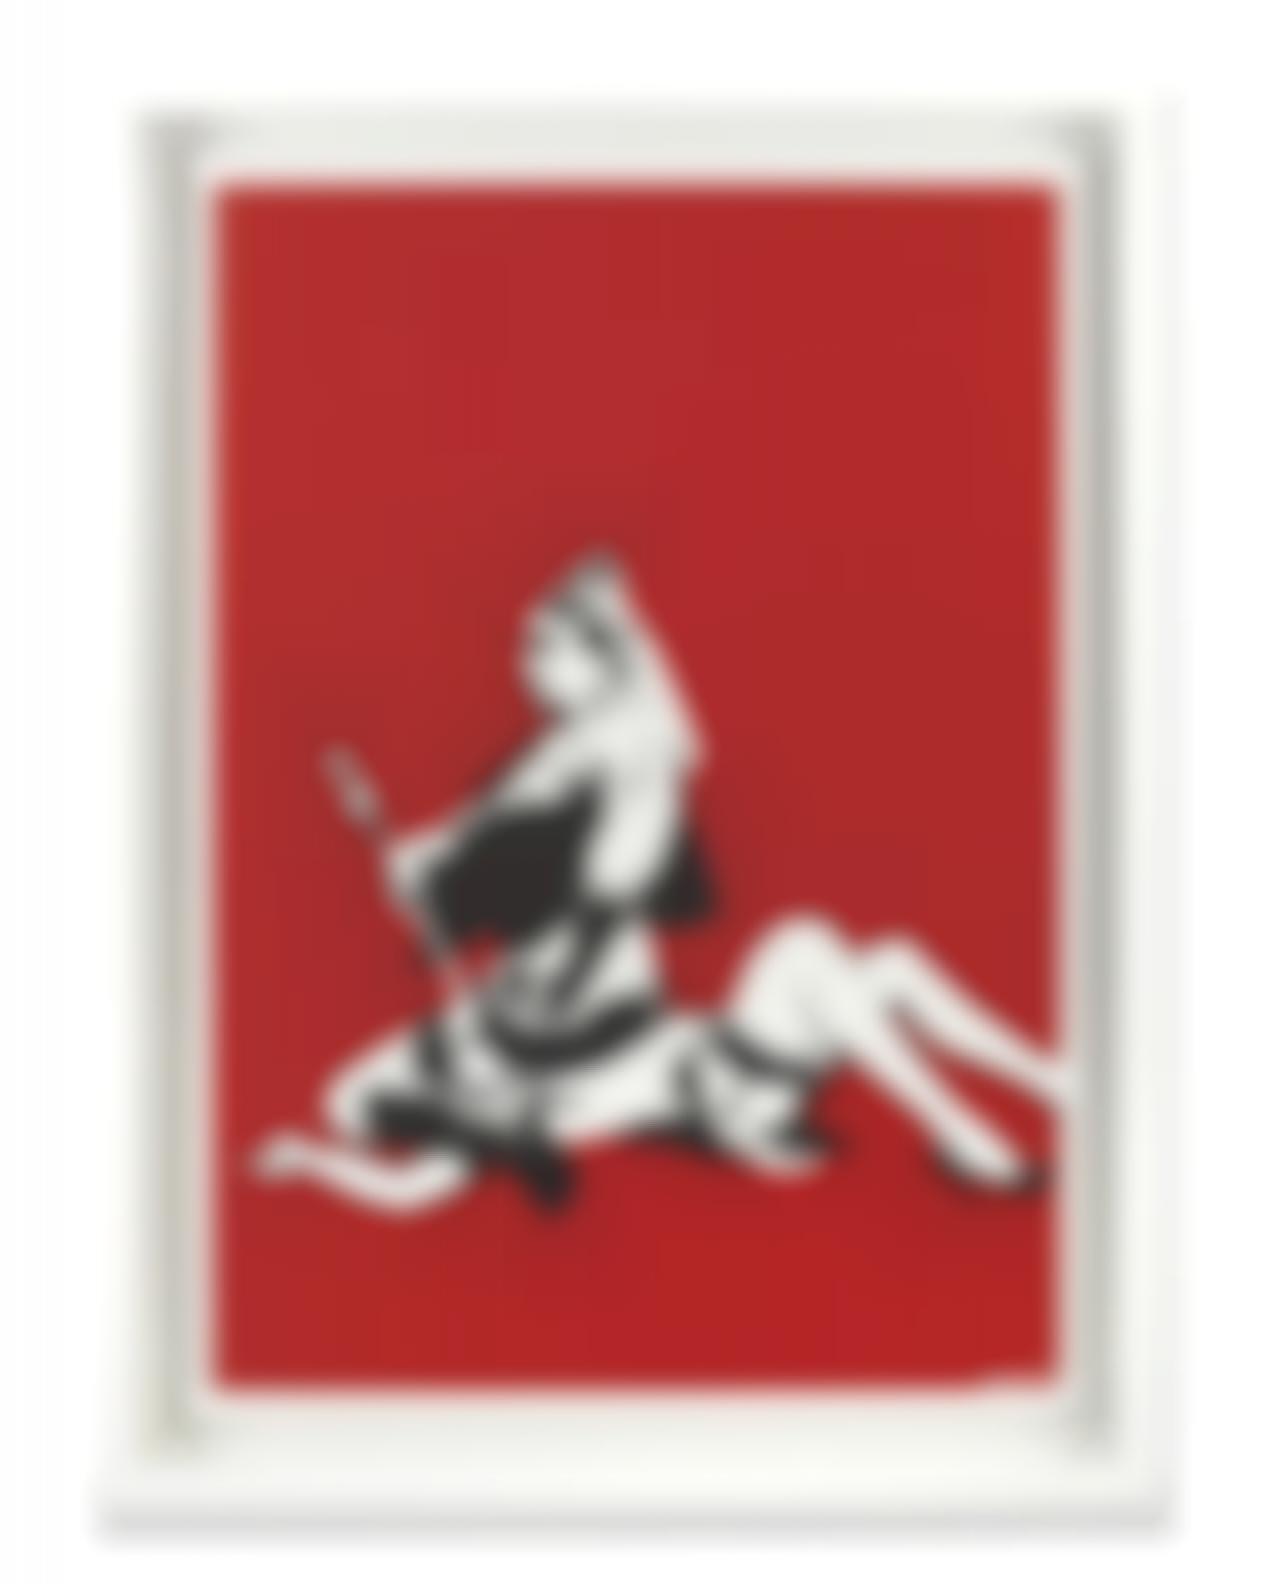 Banksy-Queen Vic-2003